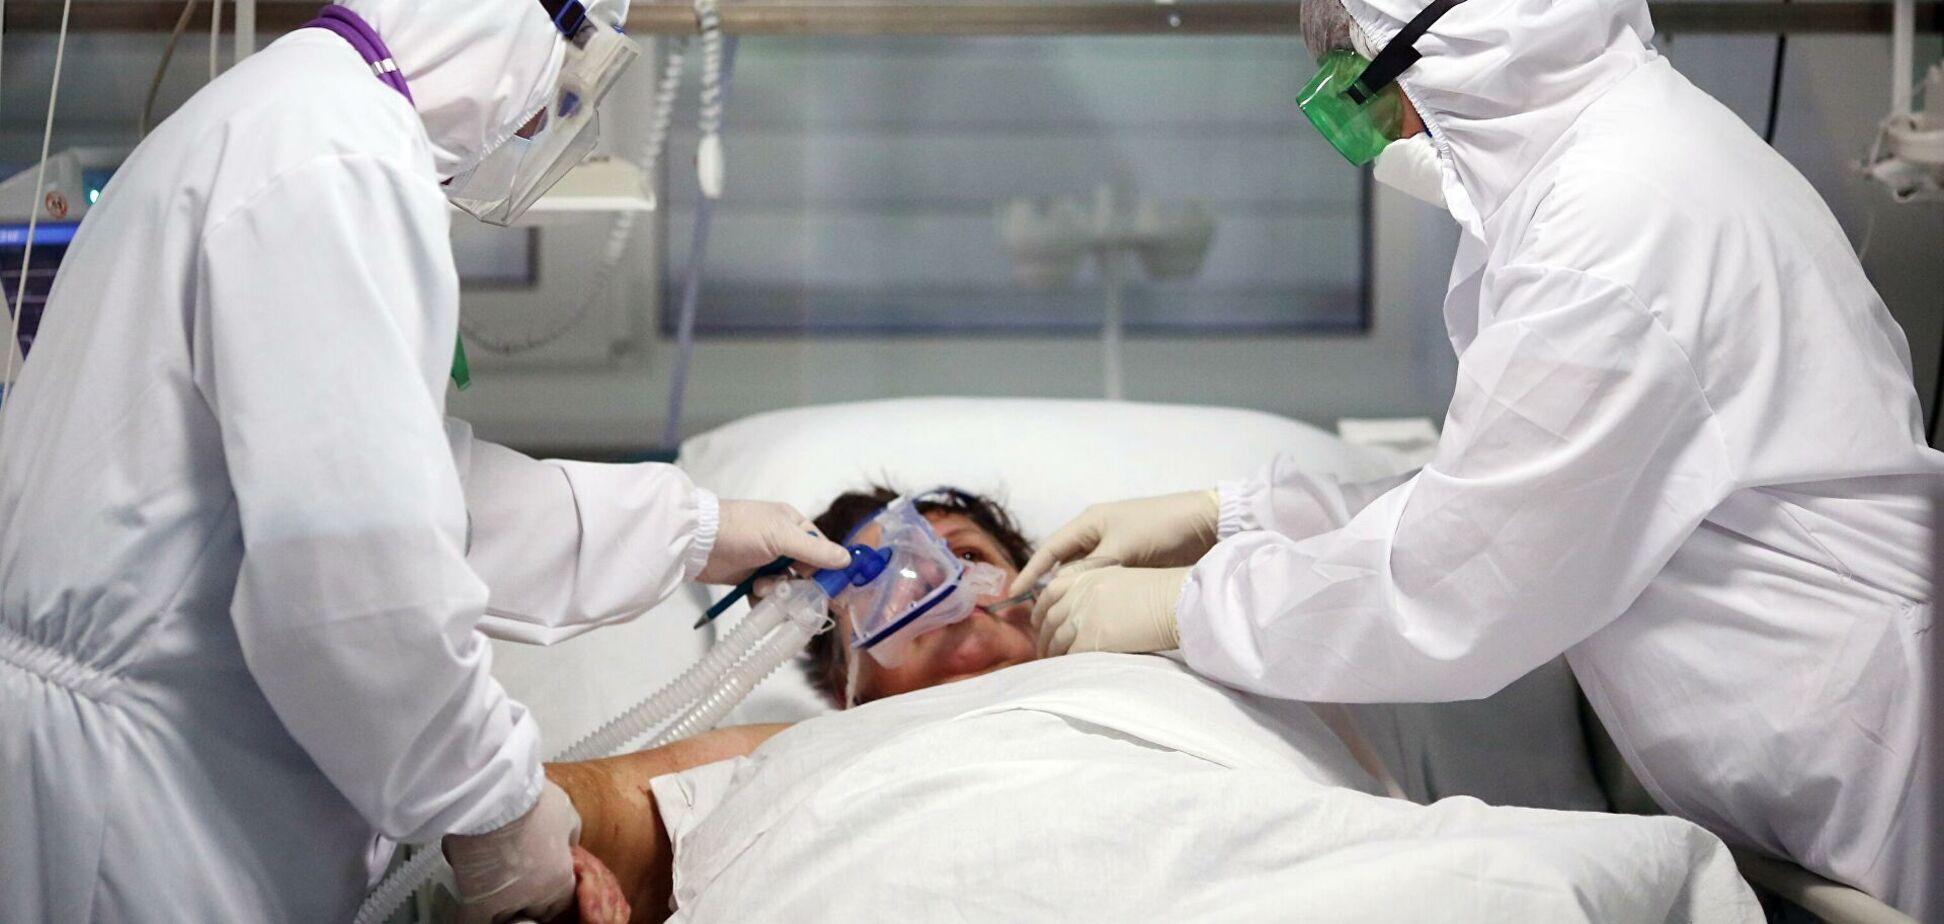 Де в лікарнях найменше місць